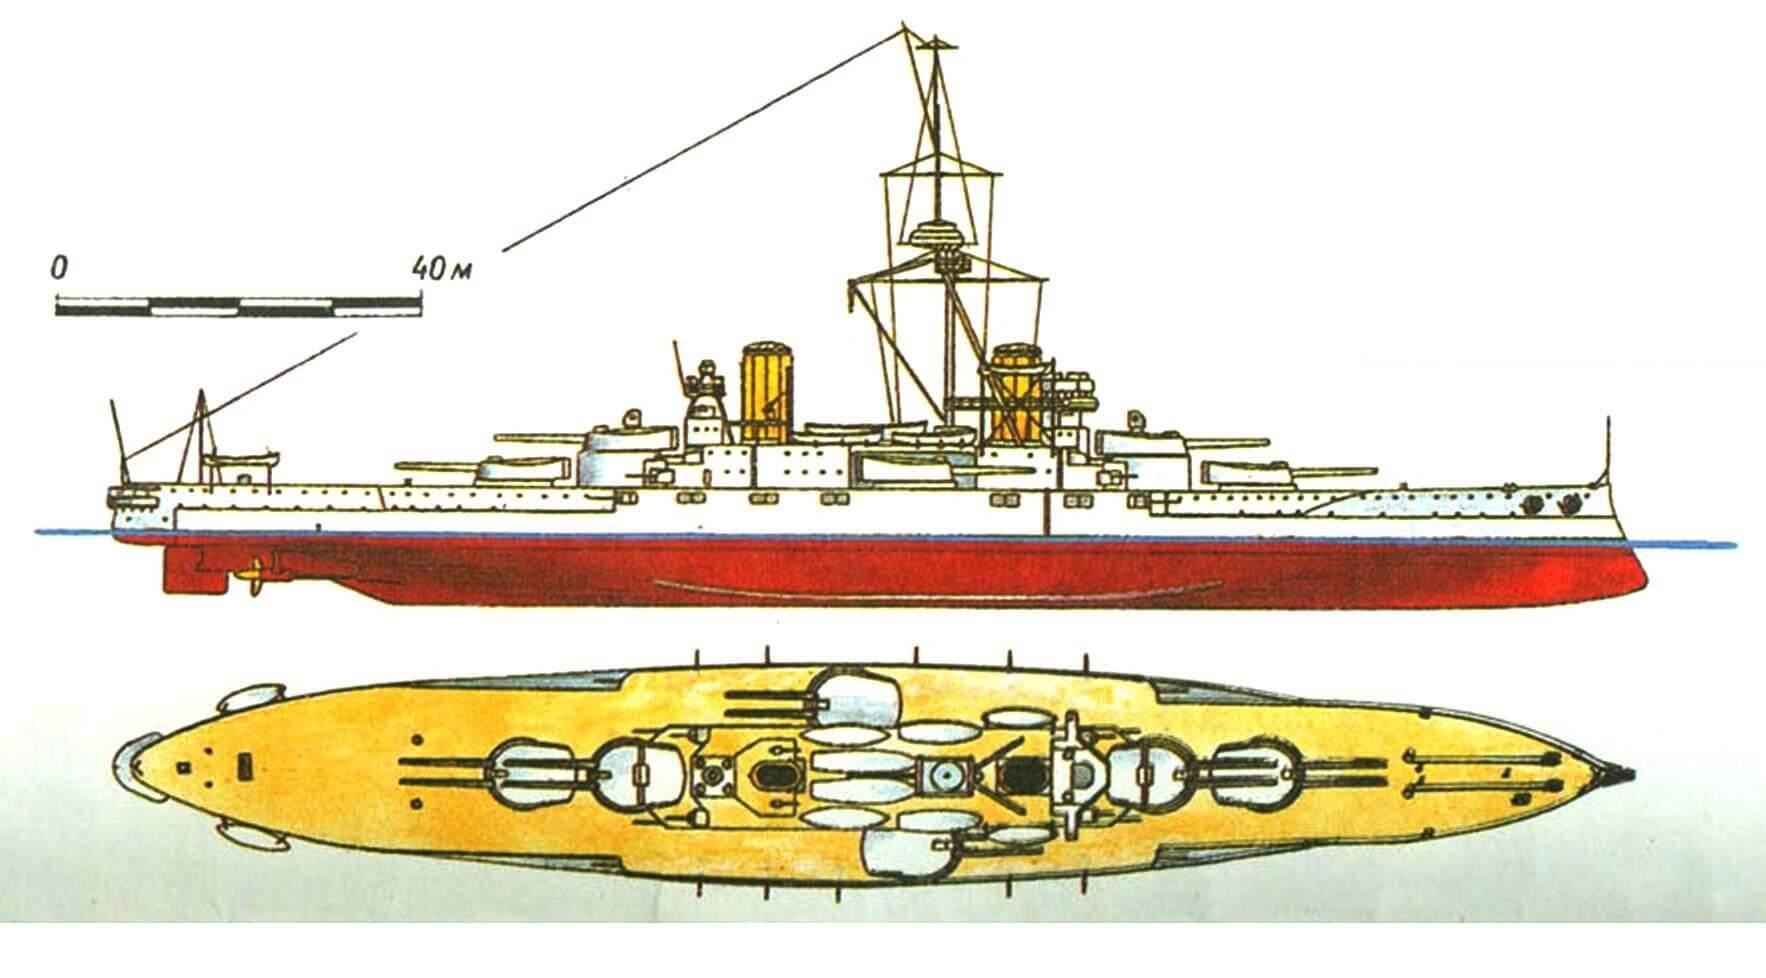 193. Линейный корабль «Сан-Паулу», Бразилия, 1910 г. Заложен в 1907 г., спущен на воду в 1908 г. Водоизмещение нормальное 19 300 т, полное 21 200 т, длина наибольшая 165,5 м, ширина 25,3 м, осадка 7,6 м. Мощность турбин 23 500 л.с., скорость 21 уз. Броня: главный пояс, верхний пояс и каземат вспомогательной артиллерии 229 мм, пояс в оконечностях 102—152 мм, башни 305— 229 мм, броневая палуба 37—51 мм, рубка 305 мм. Вооружение: двенадцать 305-мм и двадцать два 120-мм орудия. Всего построено 2 корабля: «Сан-Паулу» и «Минас Жераис» (1910 г.).